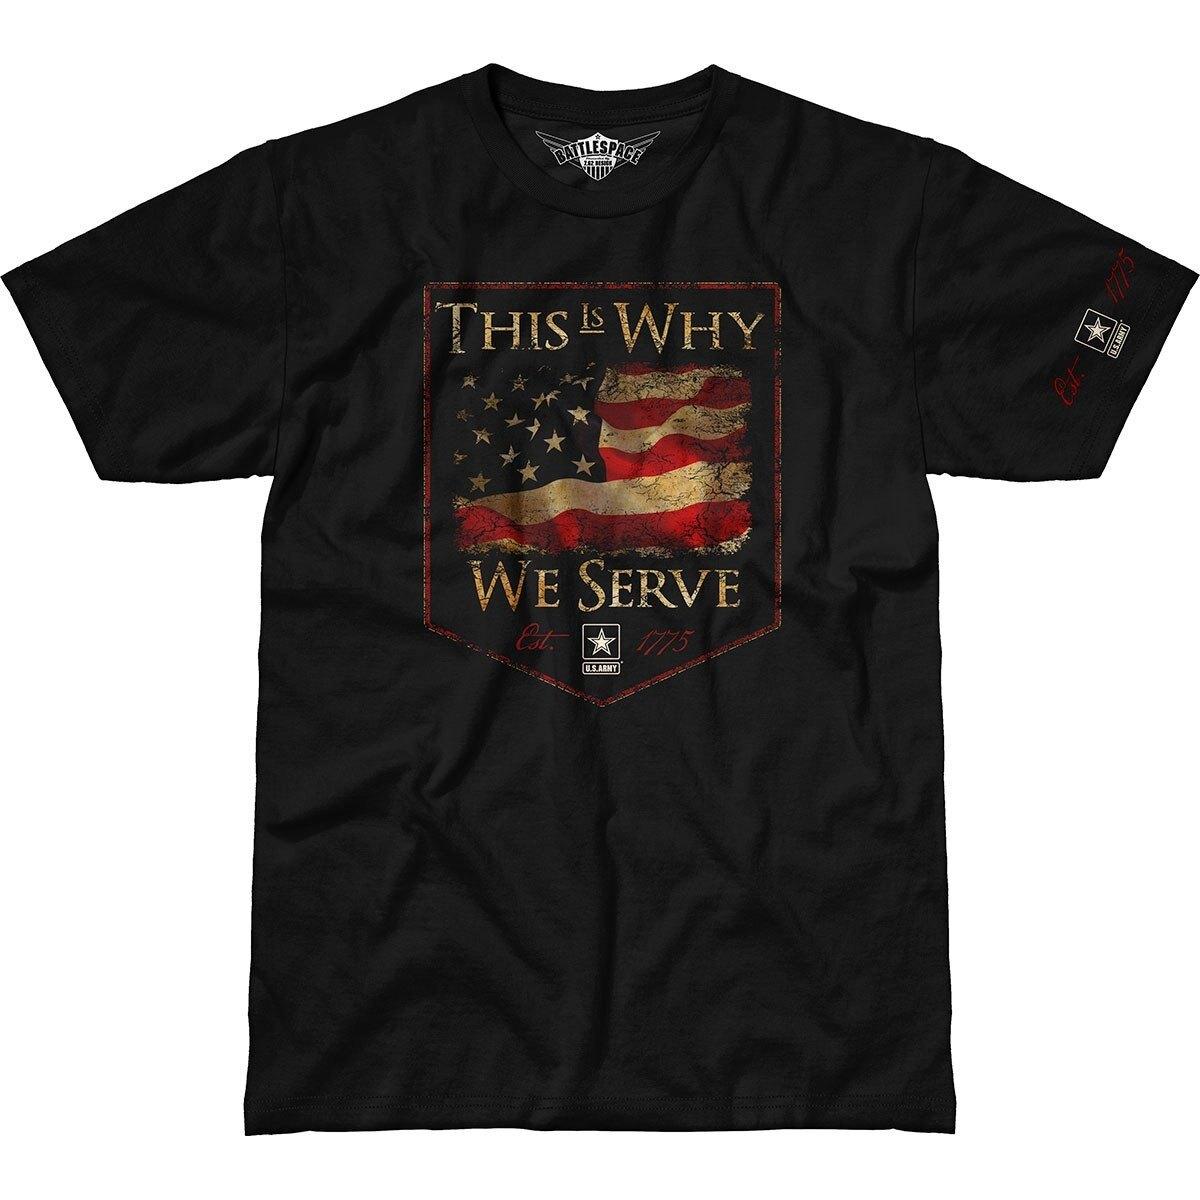 Pánske tričko 7.62 Design® Army This Is Why We Serve - čierne (Veľkosť: XXL)